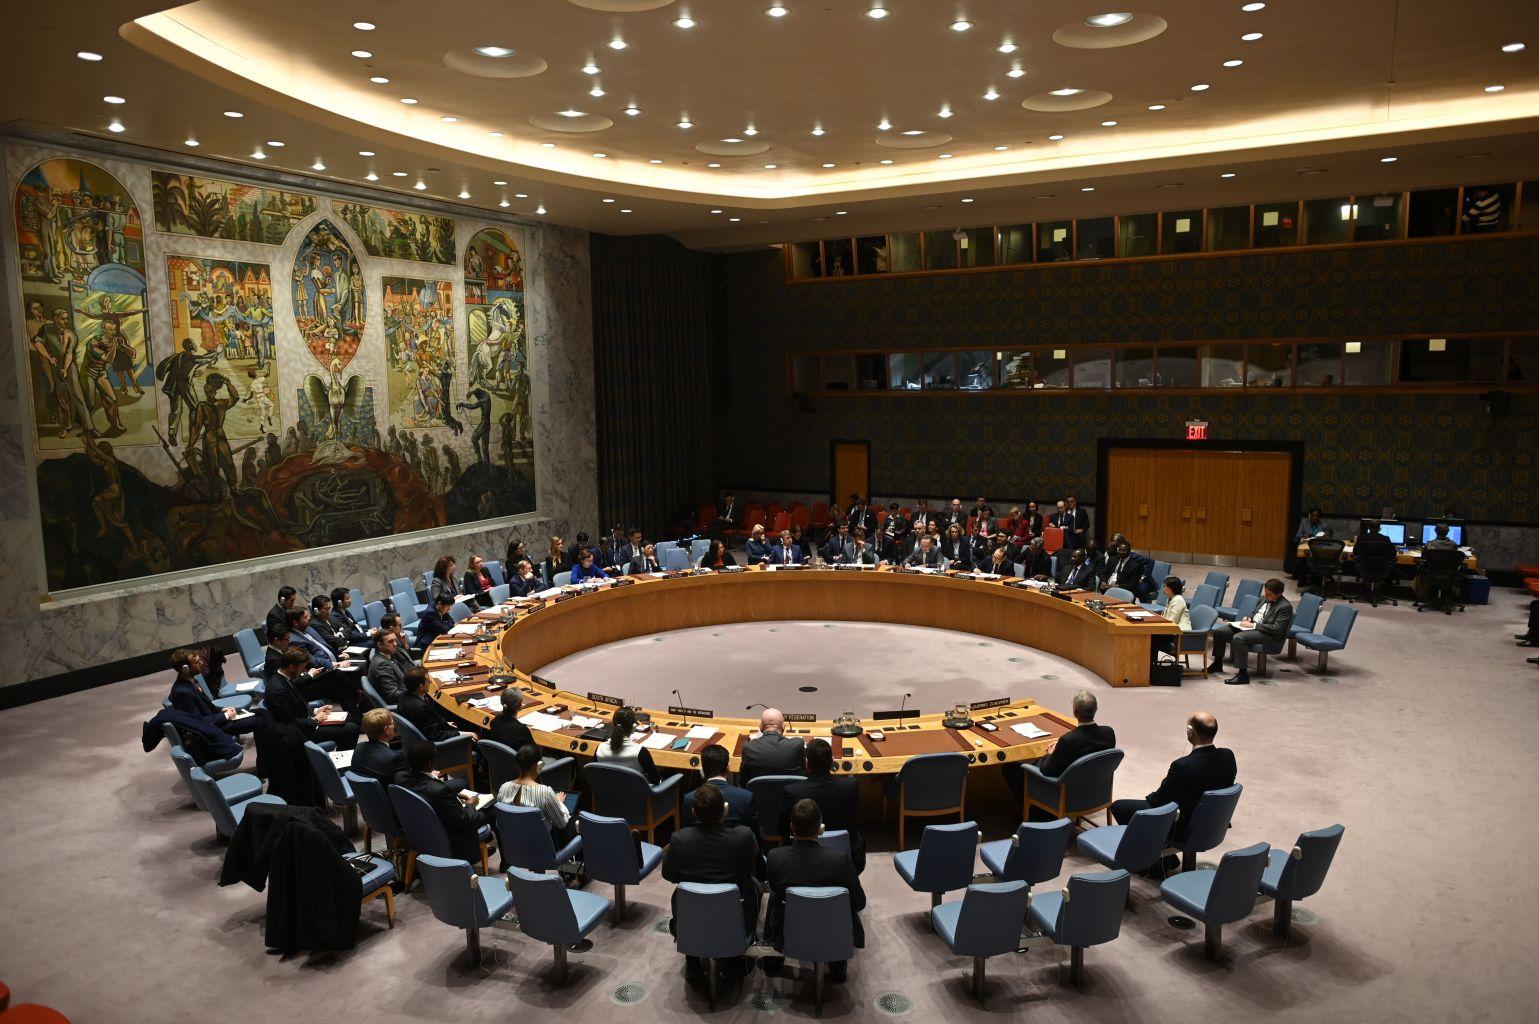 العقوبات المحتملة لواشنطن على إيران ربما تنهي الاتفاق النووي بشكل كامل